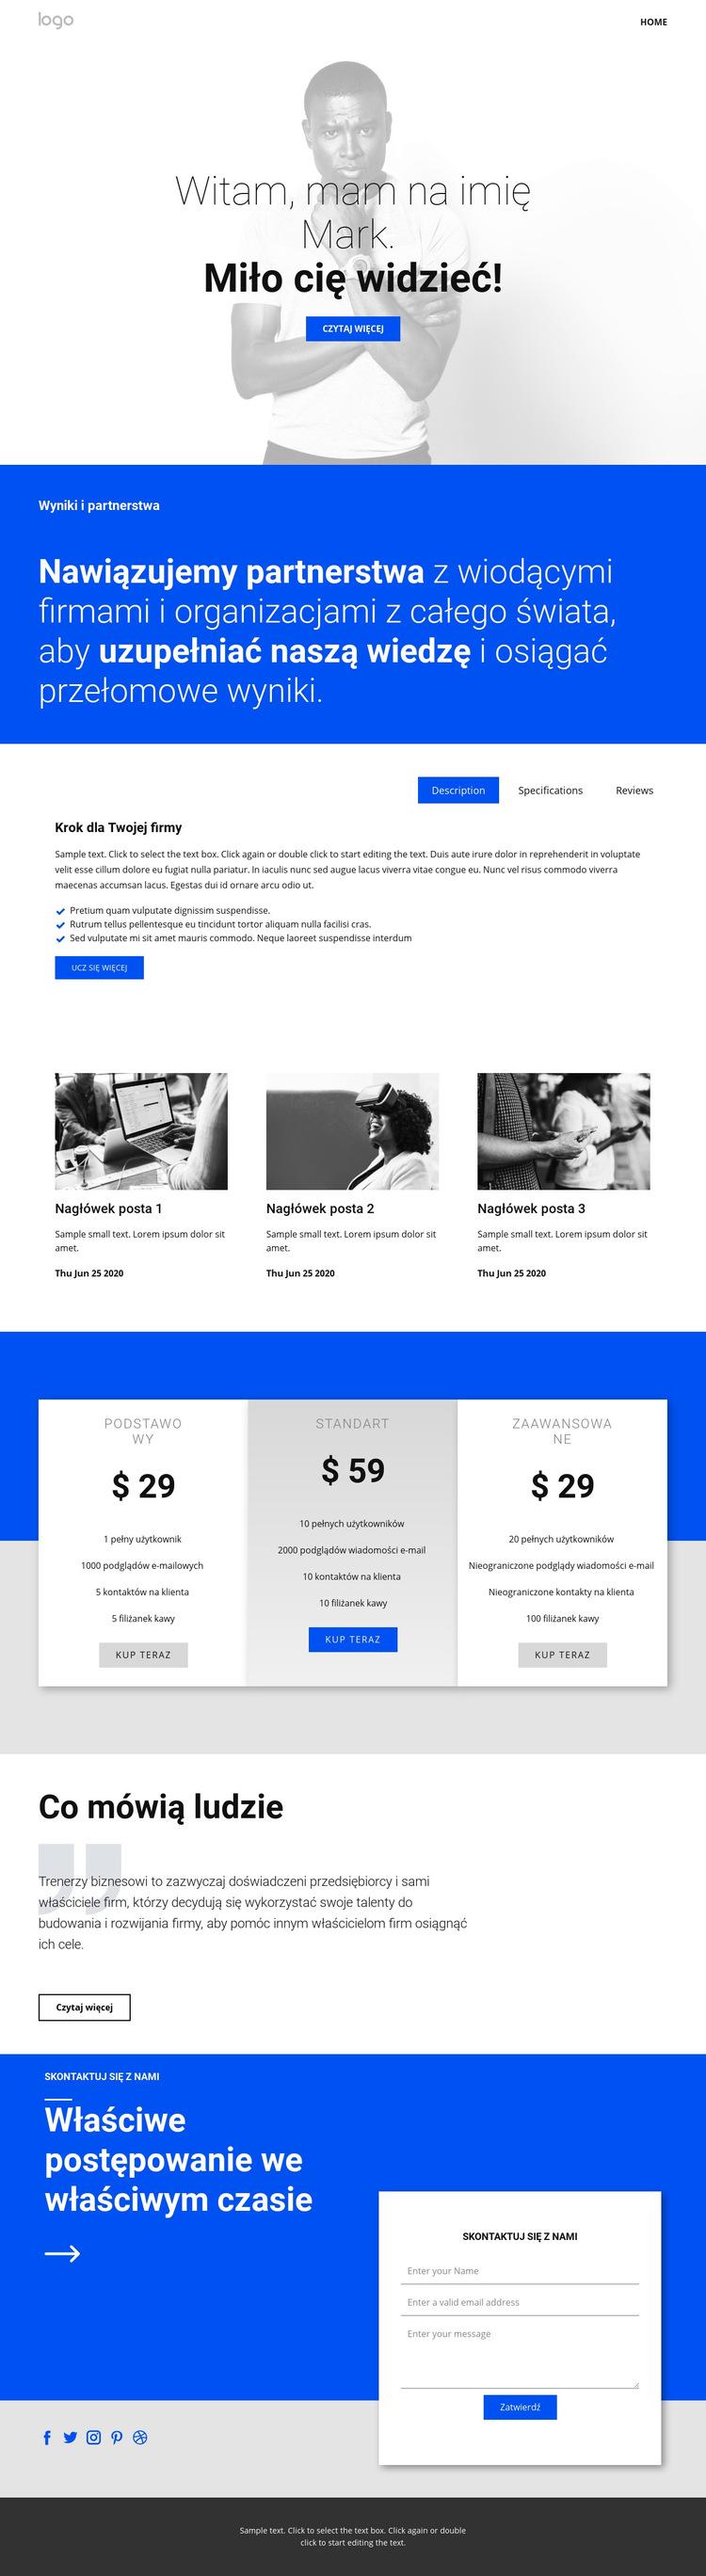 Usługi wspomagające biznes Szablon witryny sieci Web